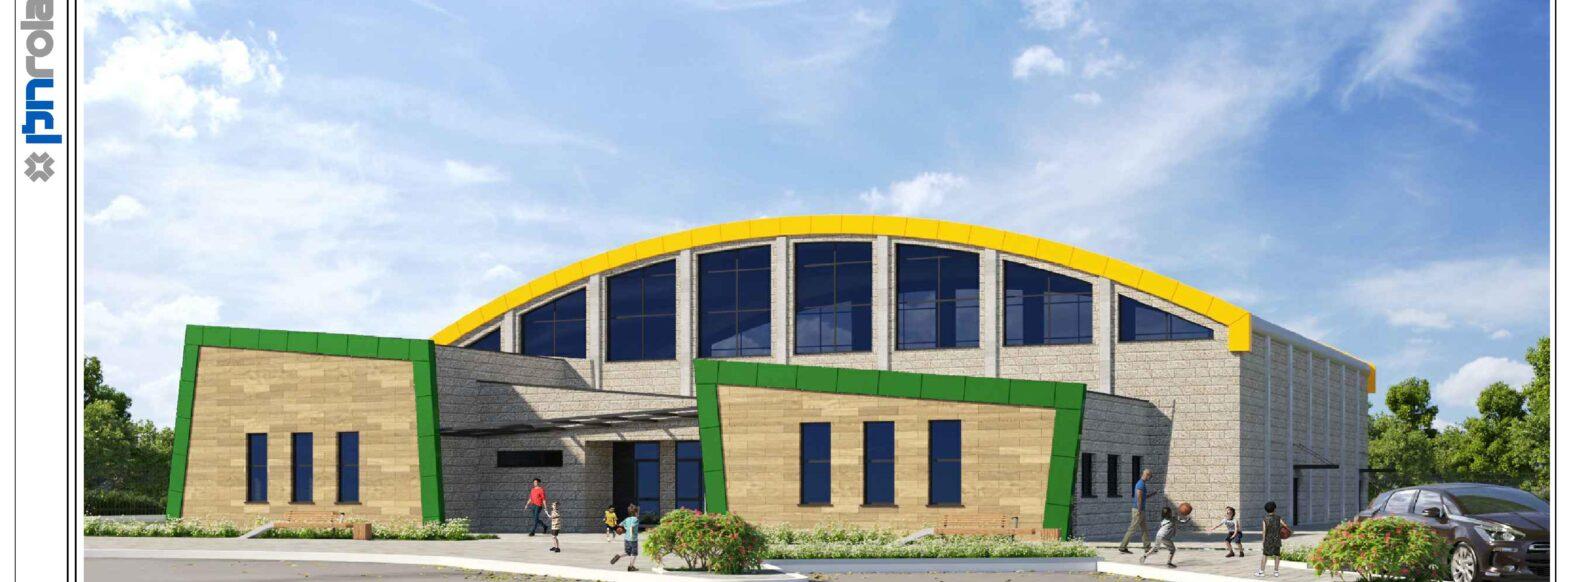 """אולם ספורט רב תכליתי יוקם ב""""נאות אפק"""" בקריית ביאליק"""